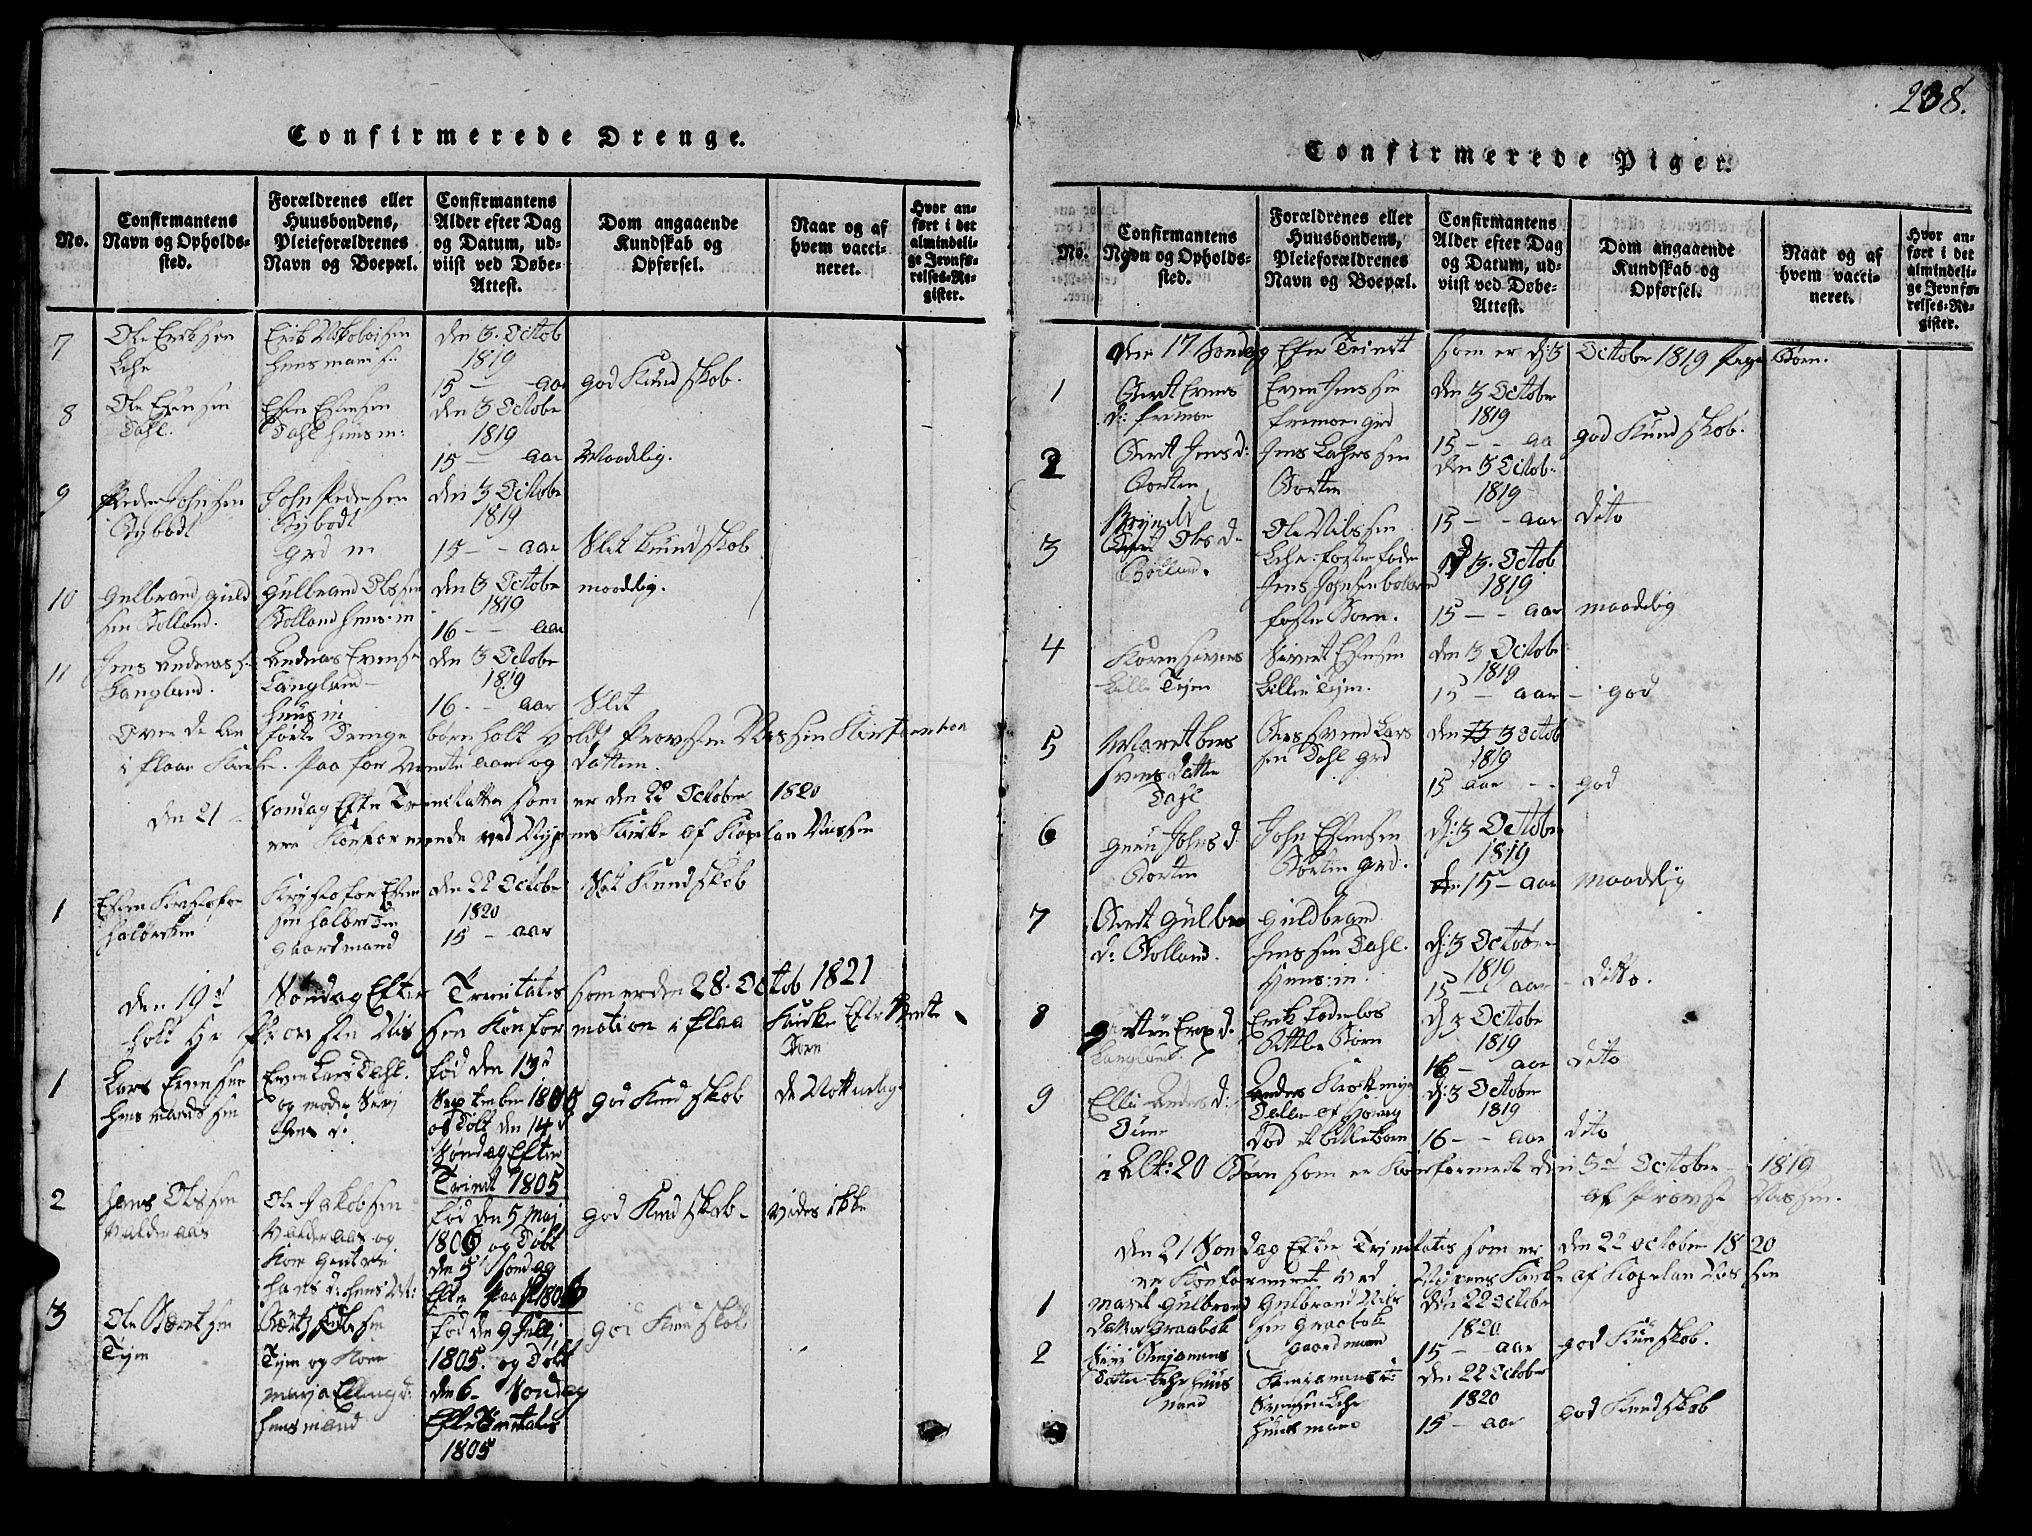 SAT, Ministerialprotokoller, klokkerbøker og fødselsregistre - Sør-Trøndelag, 693/L1121: Klokkerbok nr. 693C02, 1816-1869, s. 238